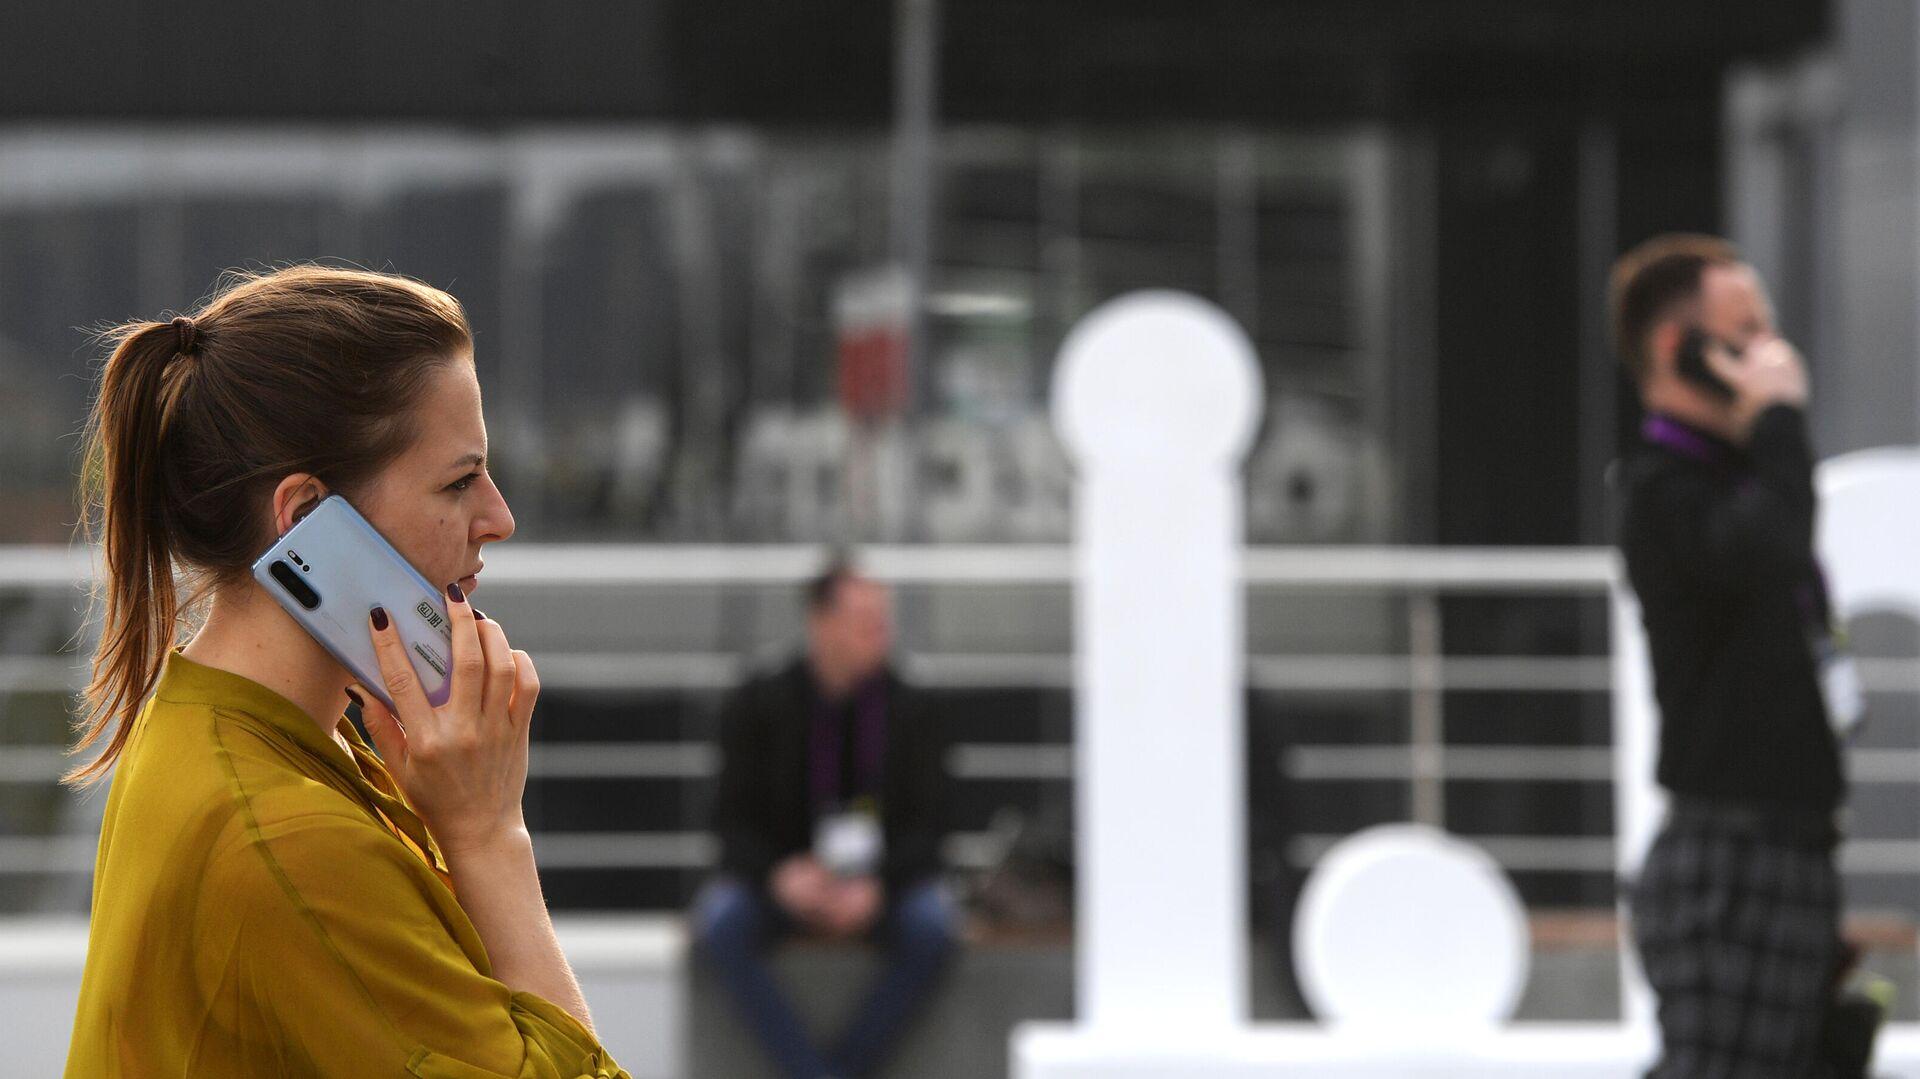 Девушка разговаривает по мобильному телефону - РИА Новости, 1920, 21.10.2020